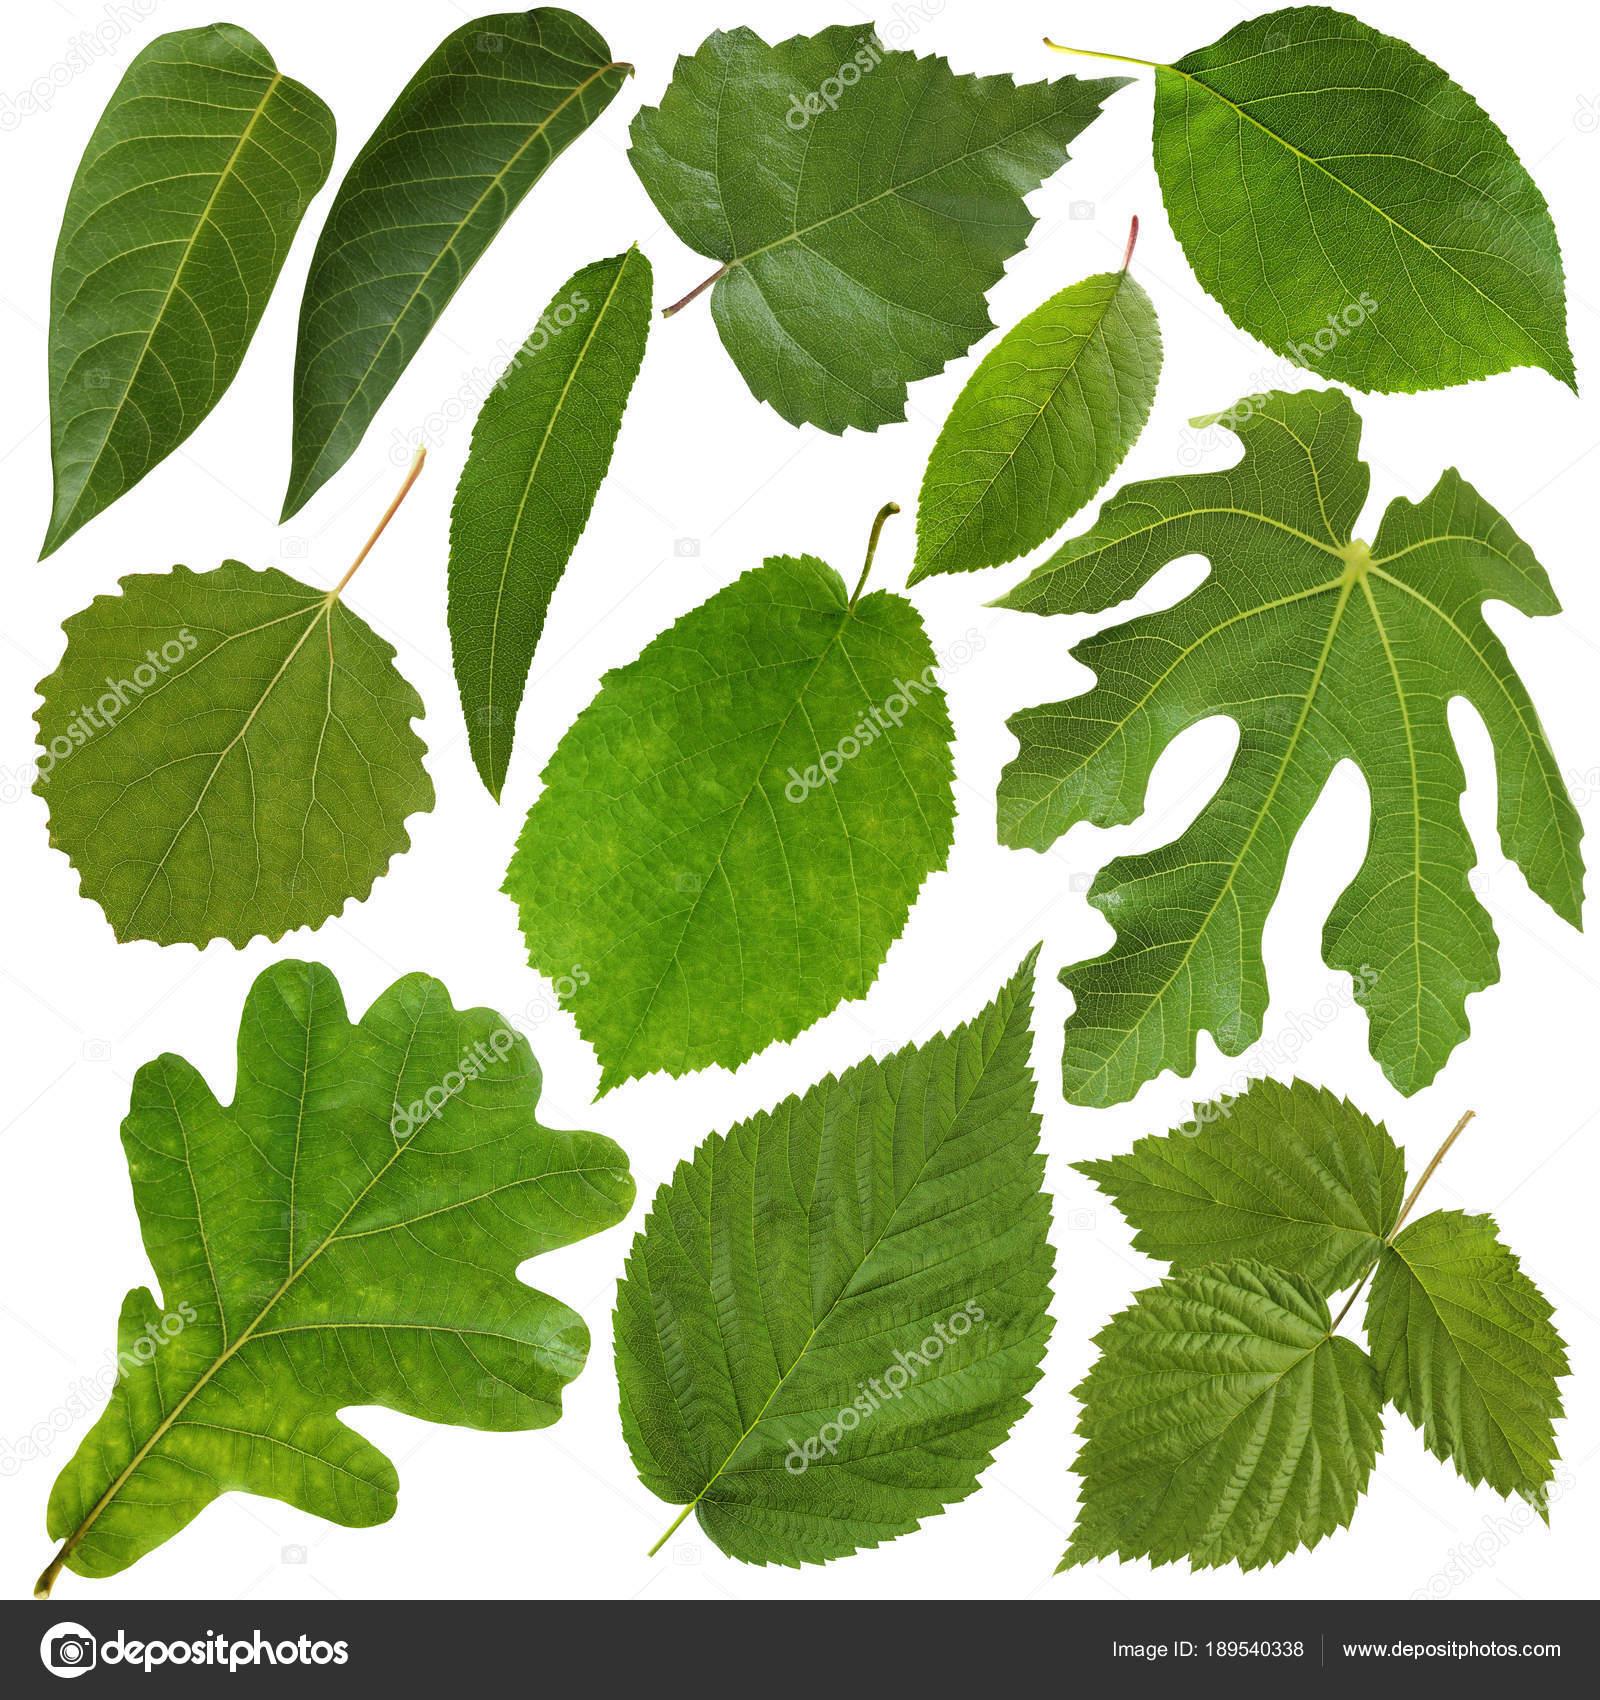 Fotos hojas de arboles frutales hojas verdes aisladas for Arboles frutales de hoja caduca